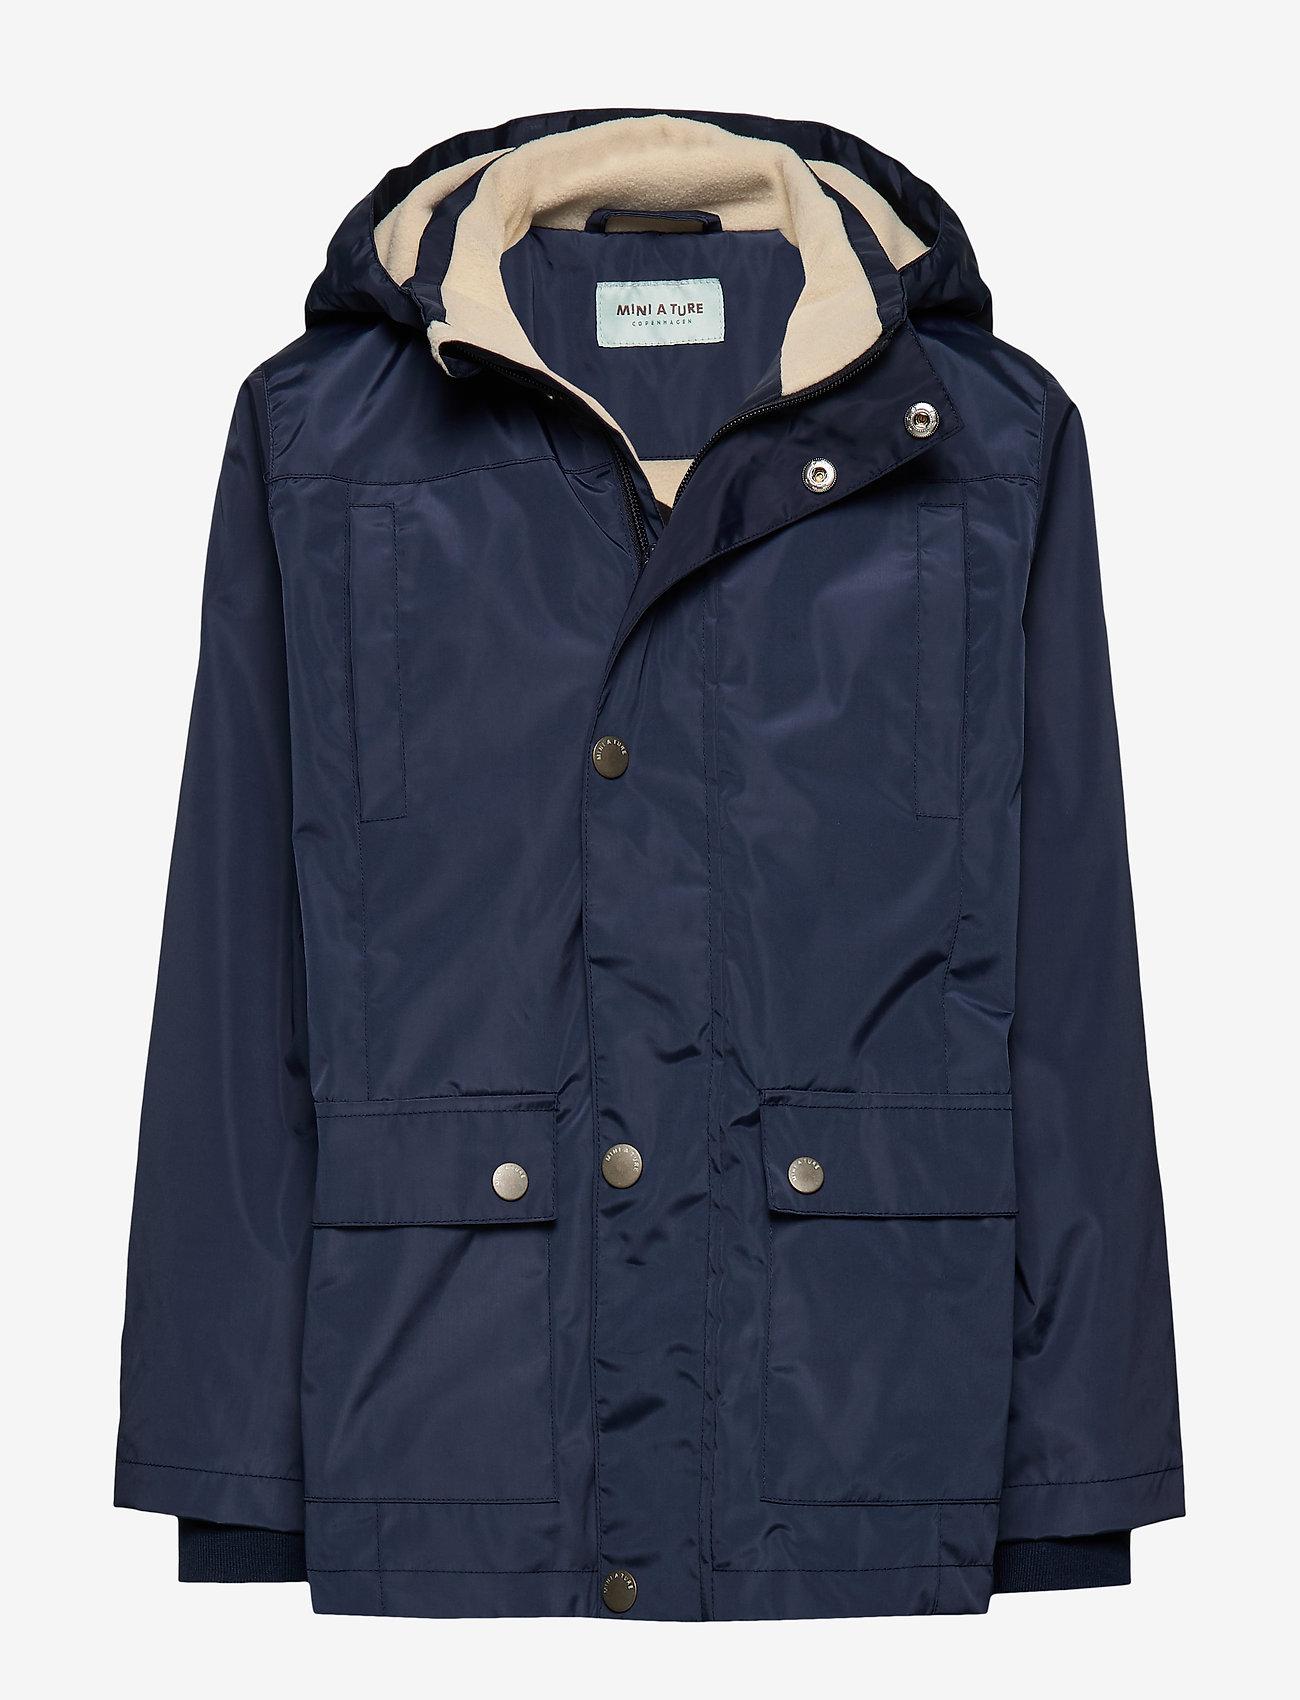 Mini A Ture - Wagner Jacket, K - jassen - blue nights - 0